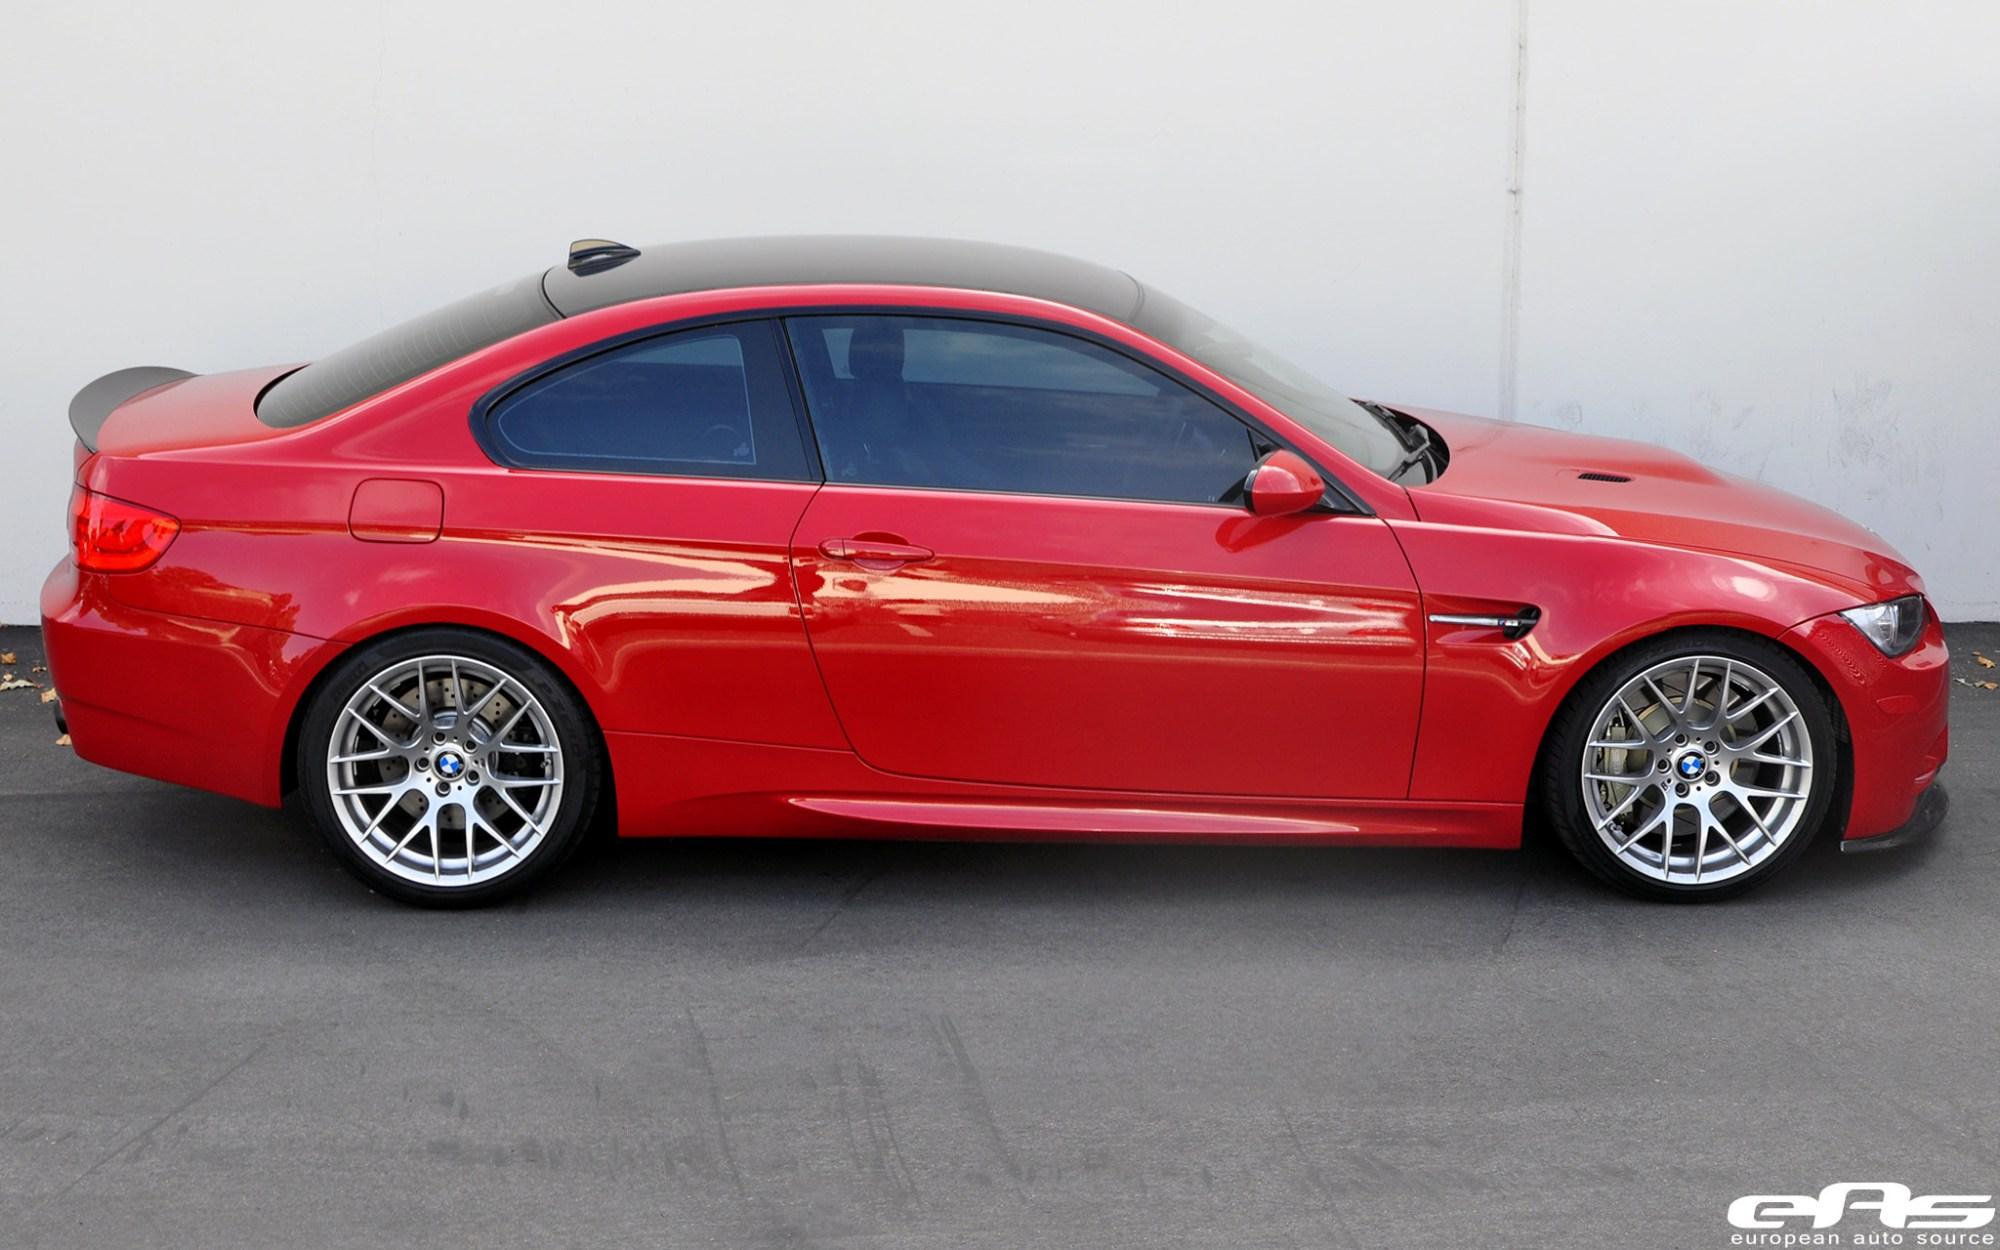 hight resolution of melbourne red e92 m3 w super rare project mu euro mevius brakes